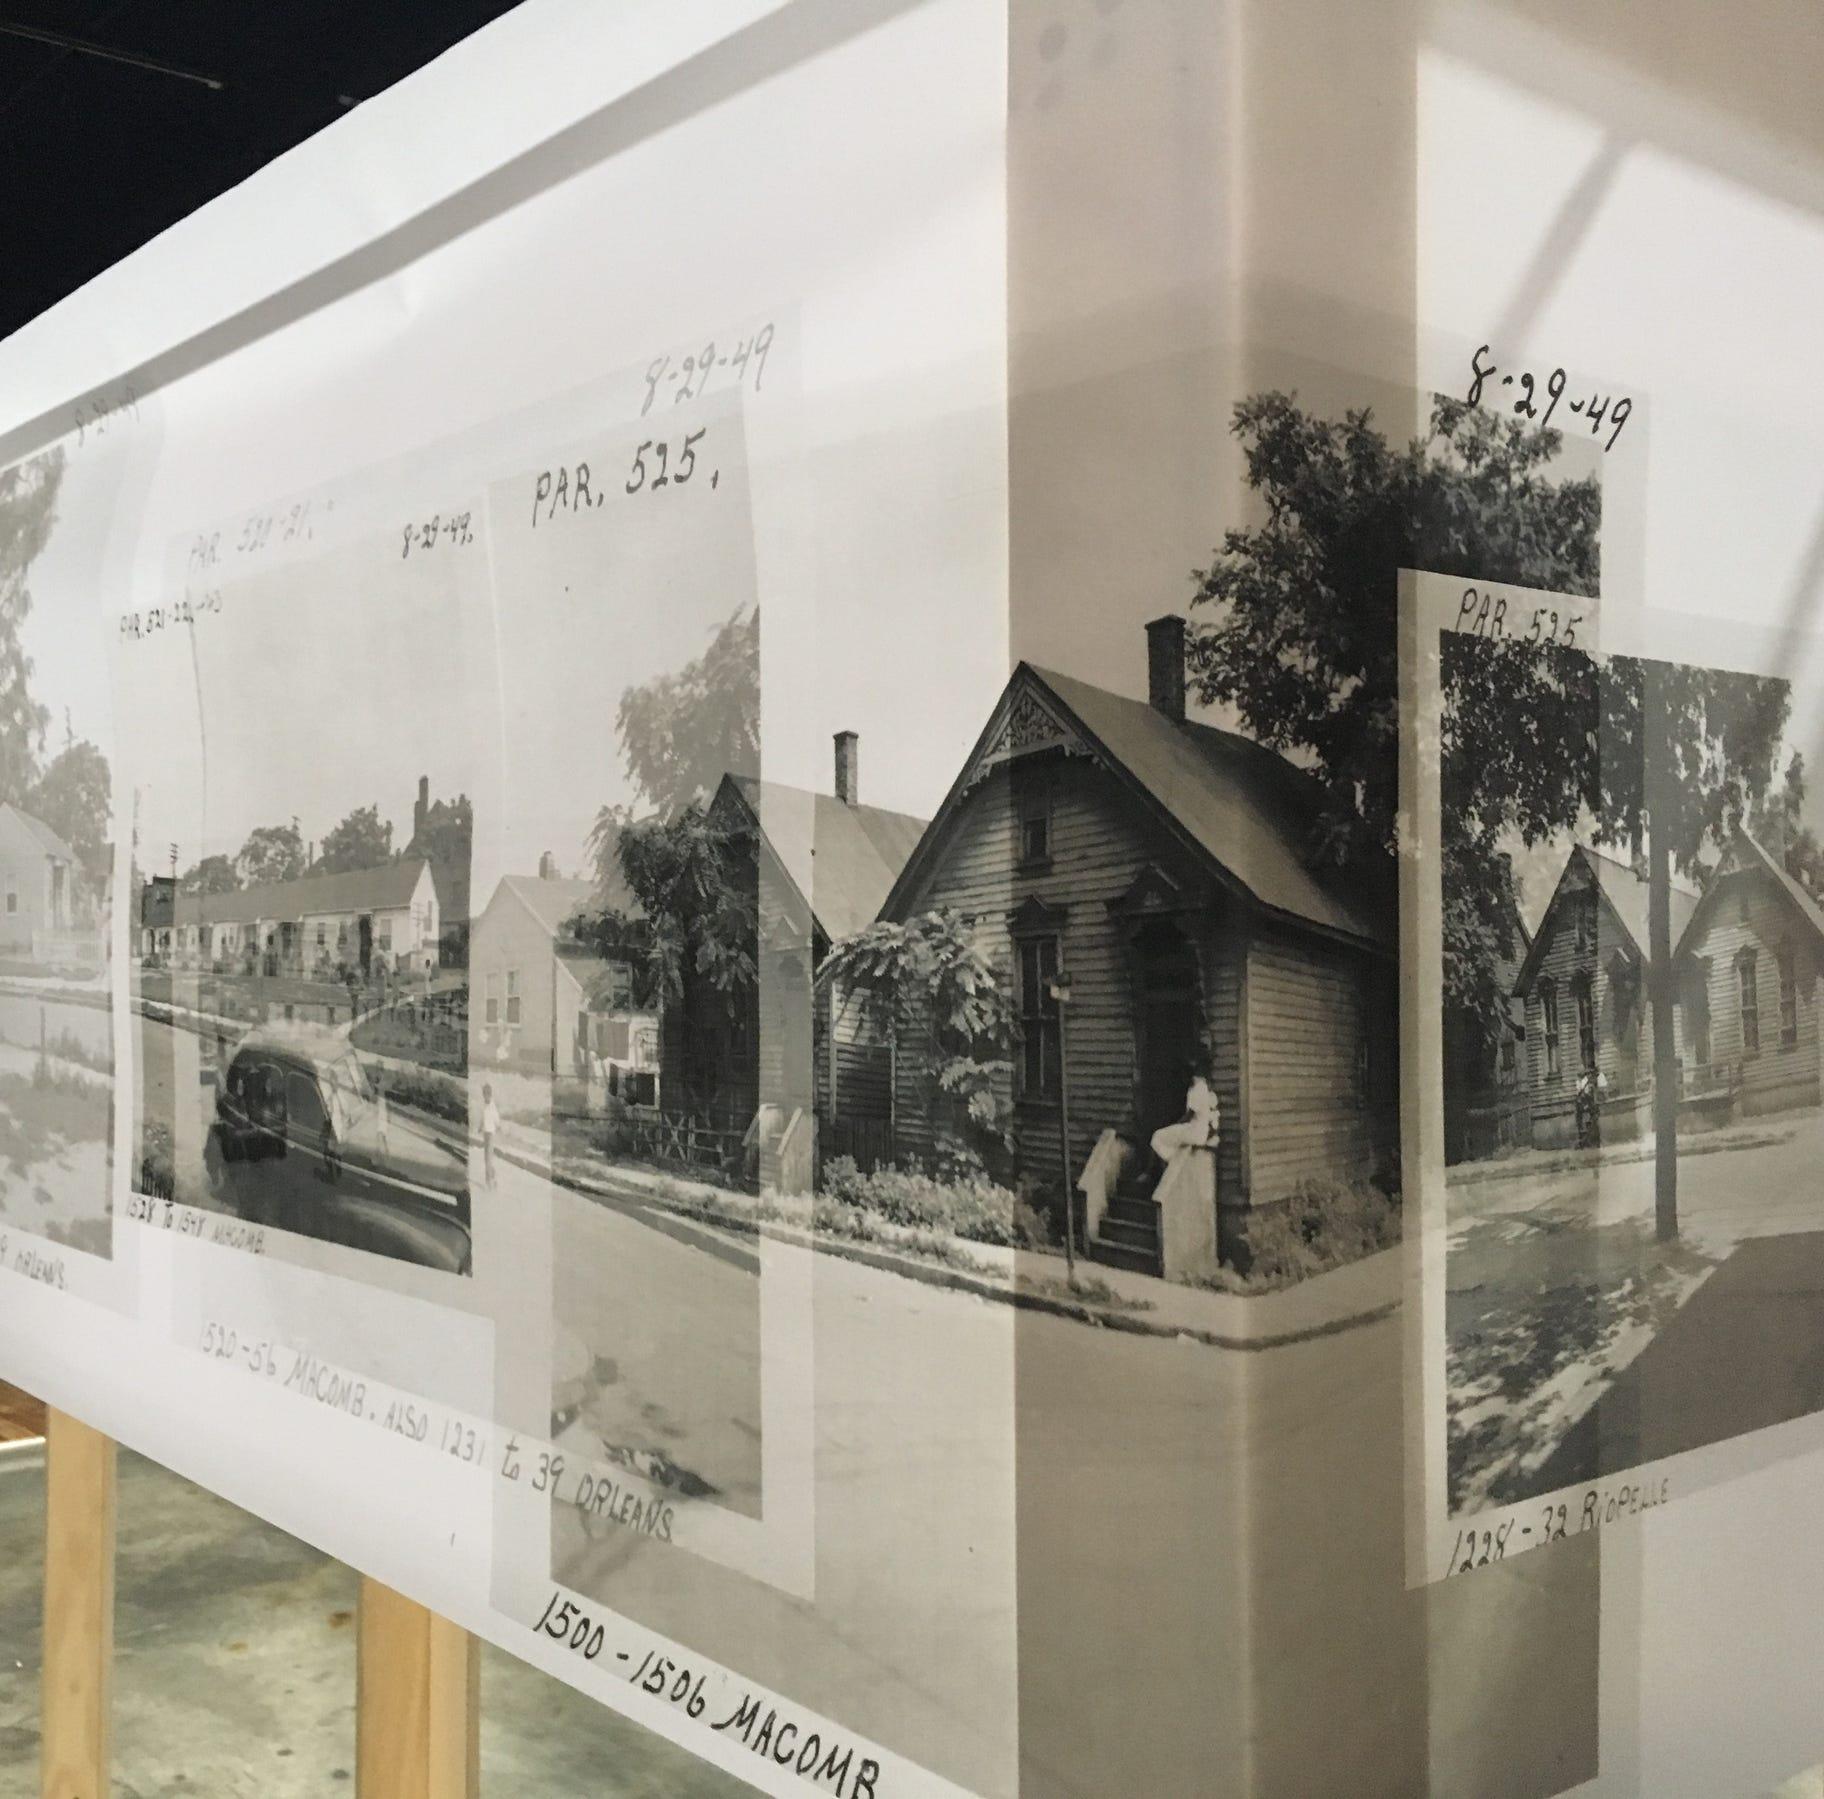 Detroit's Black Bottom neighborhood resurrected in photo exhibit